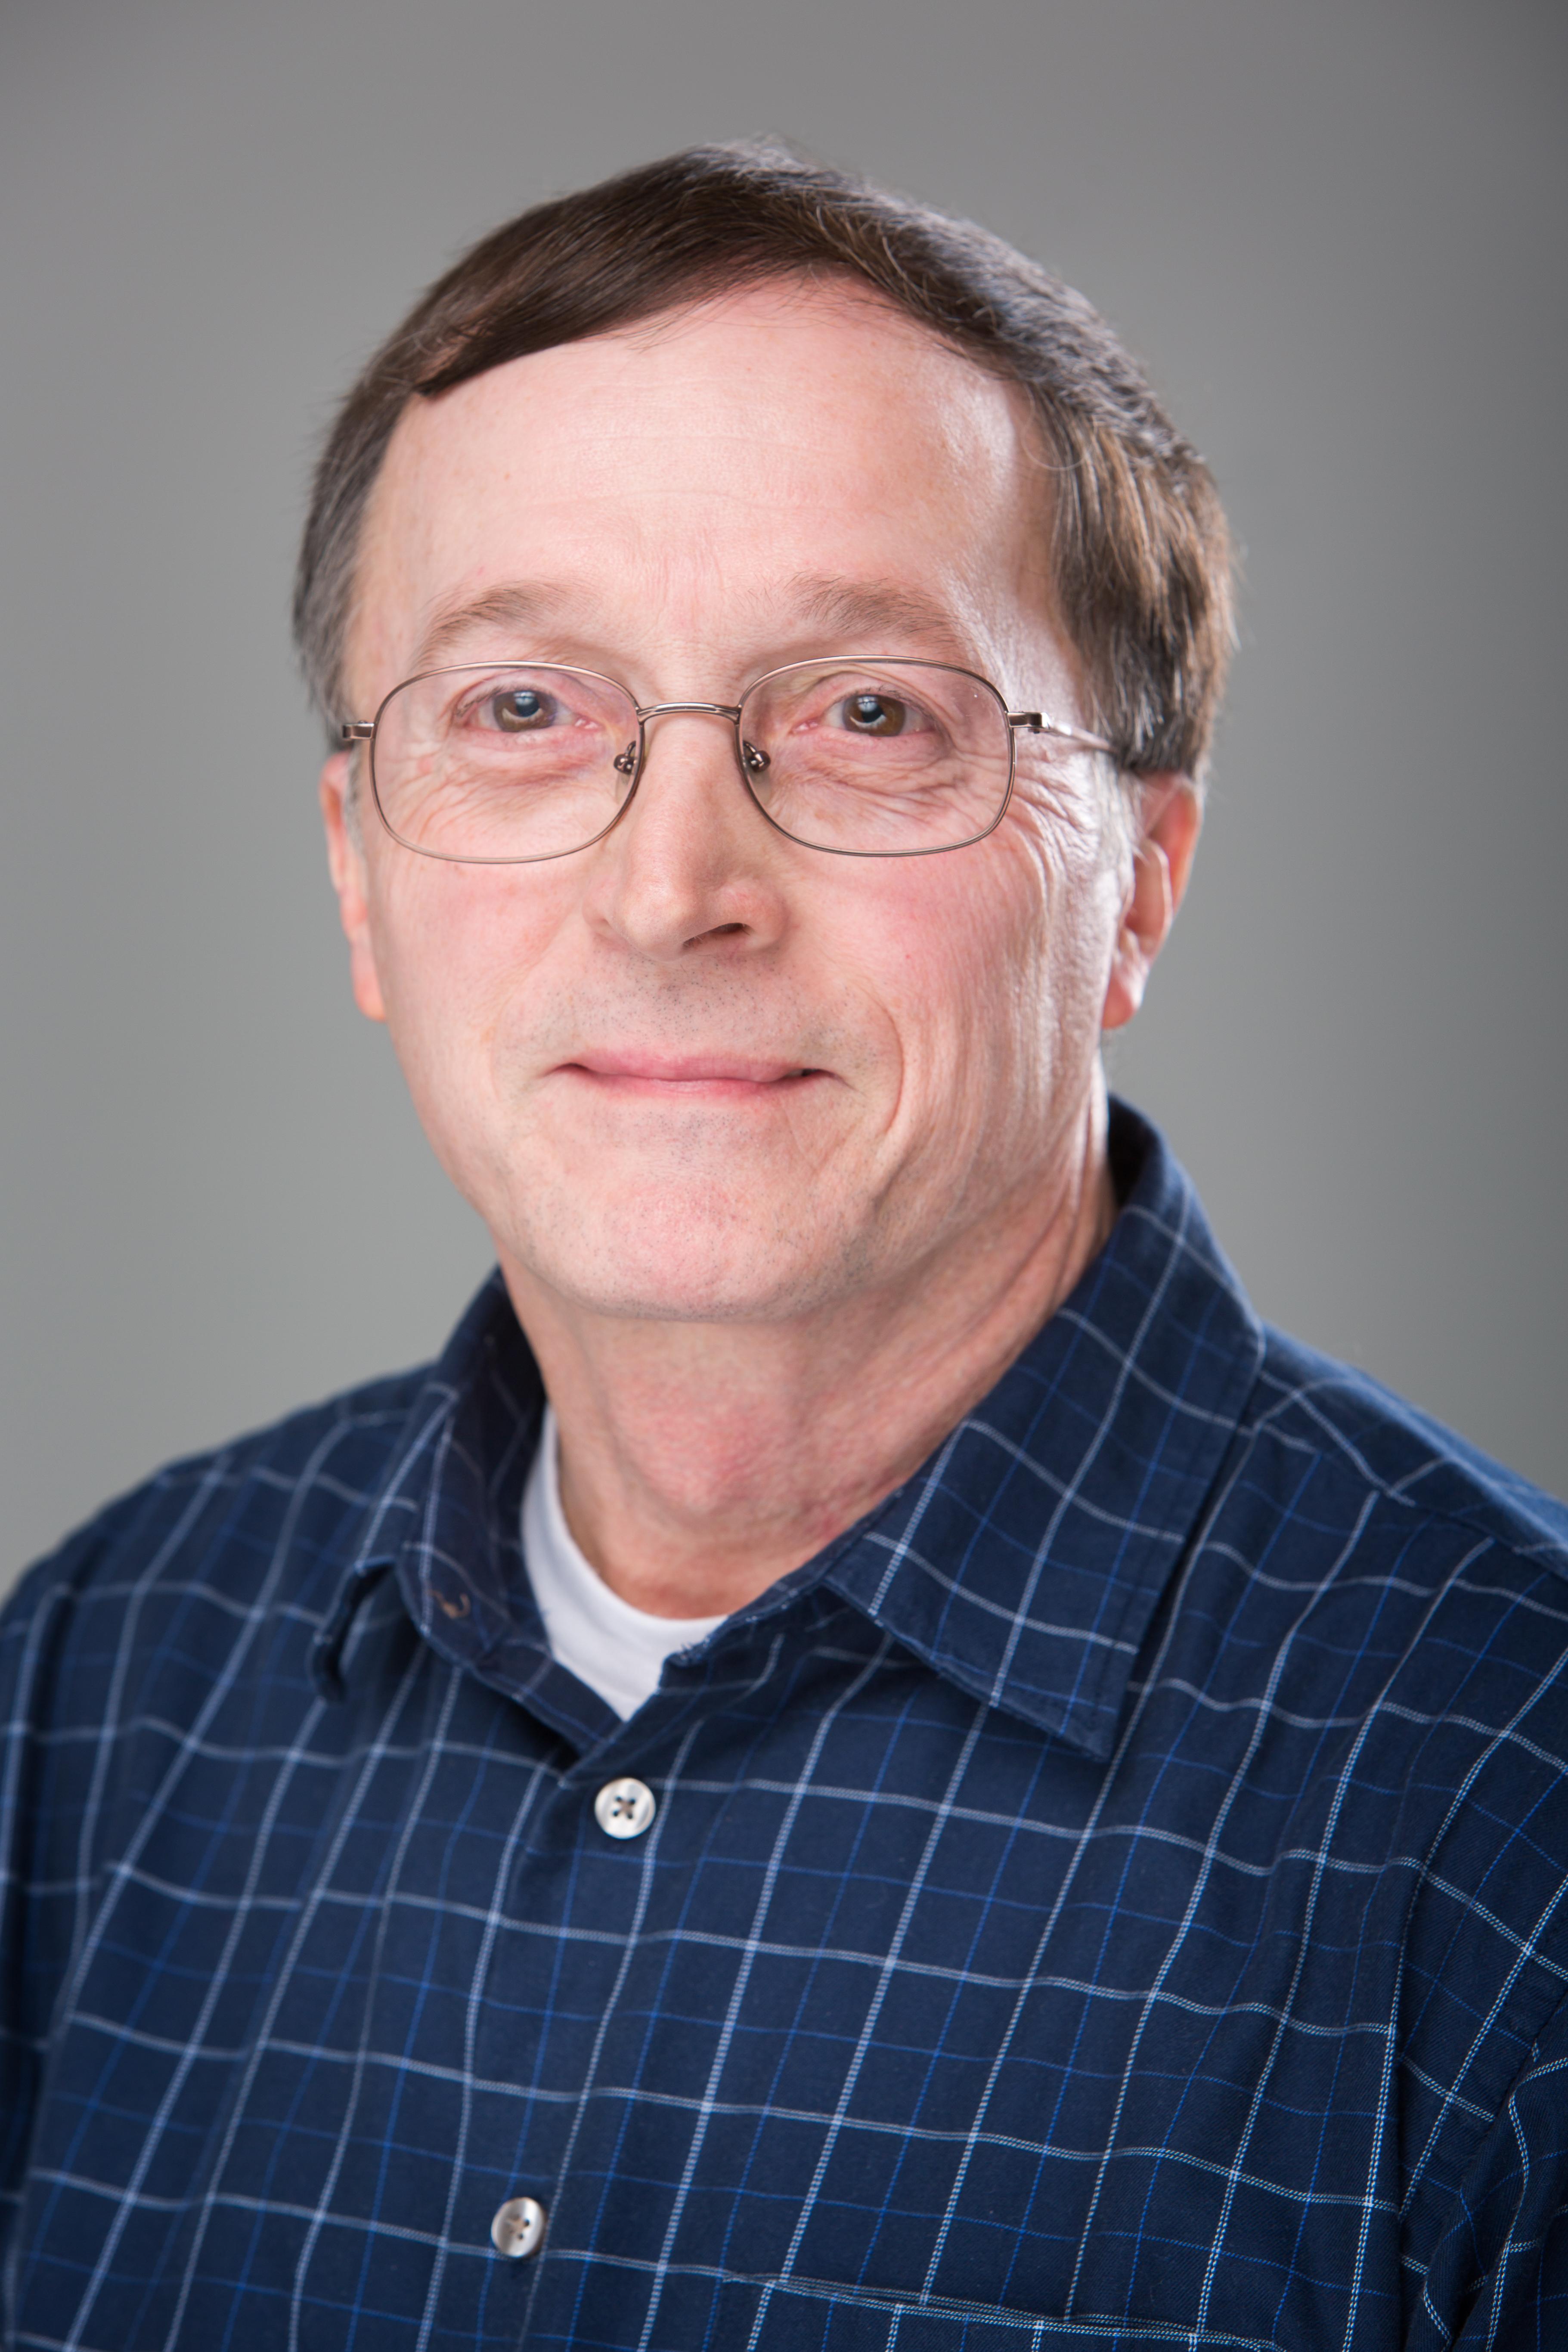 Greg Leininger